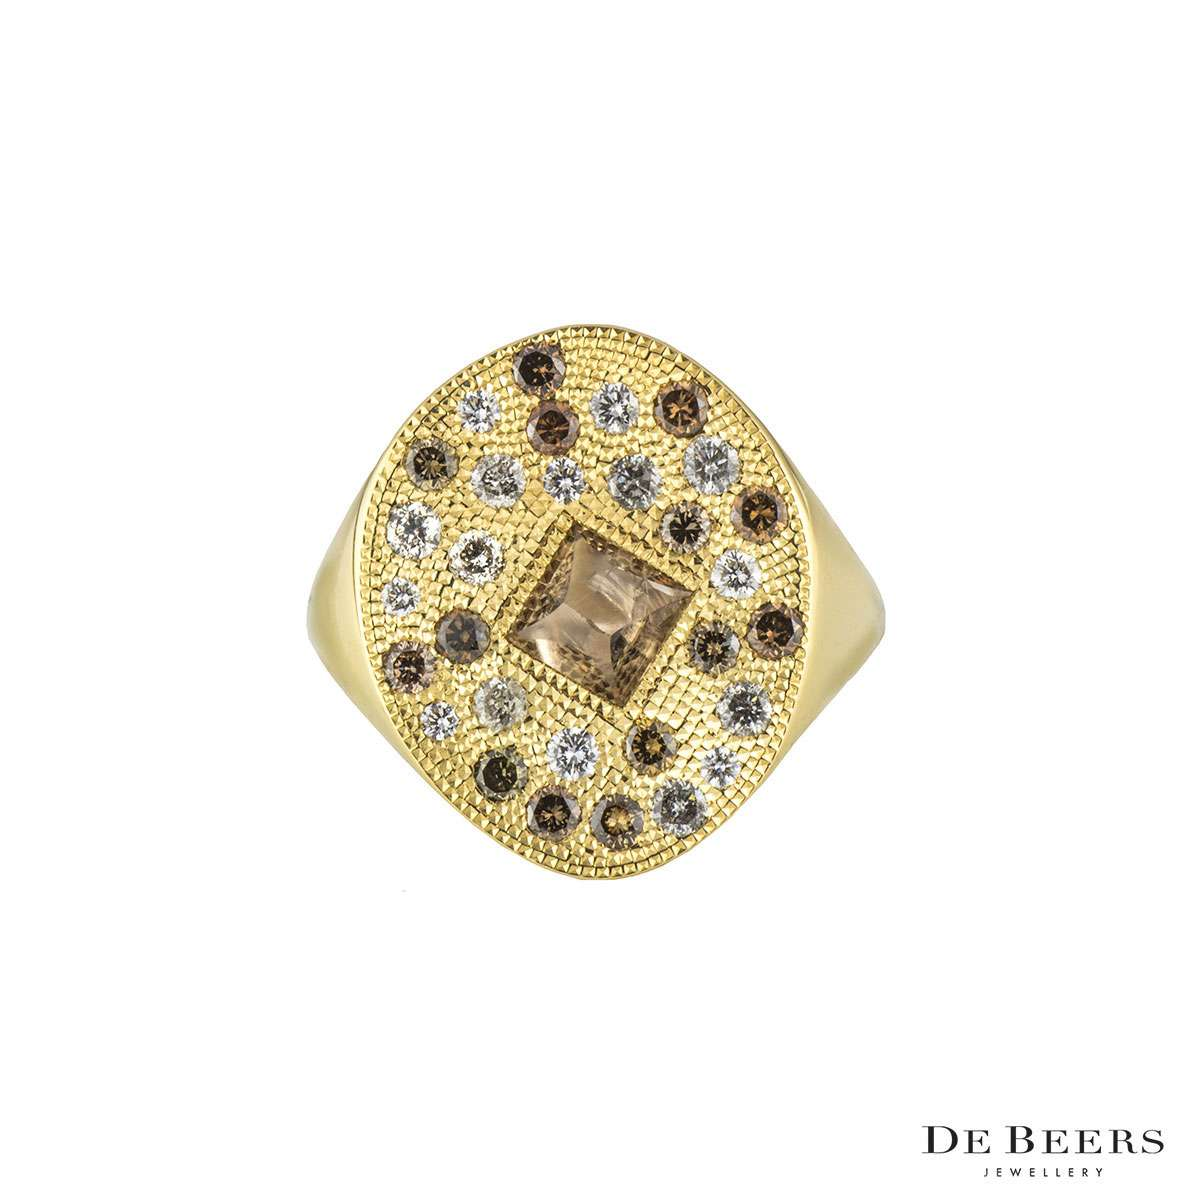 De Beers 18k Yellow Gold Talisman Ring